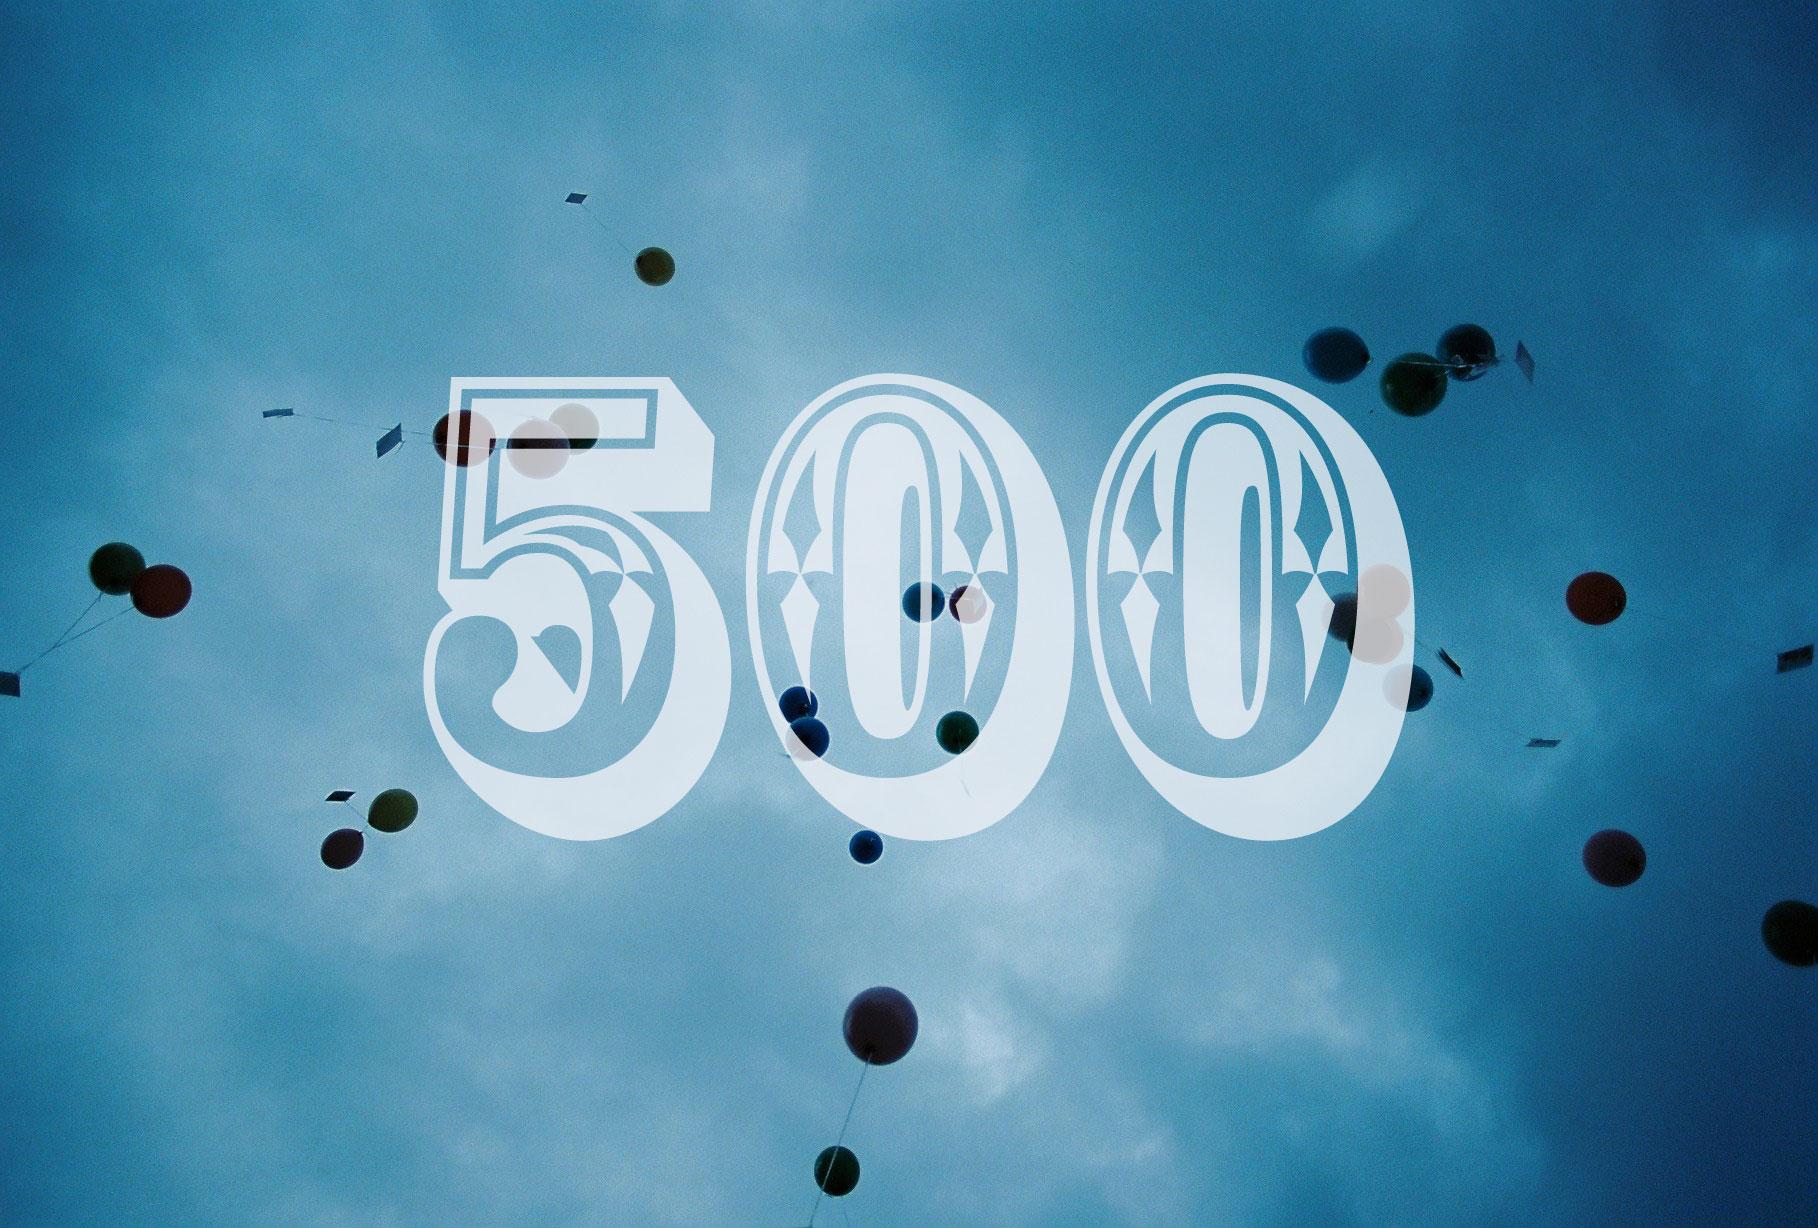 500_kamakoma.jpg